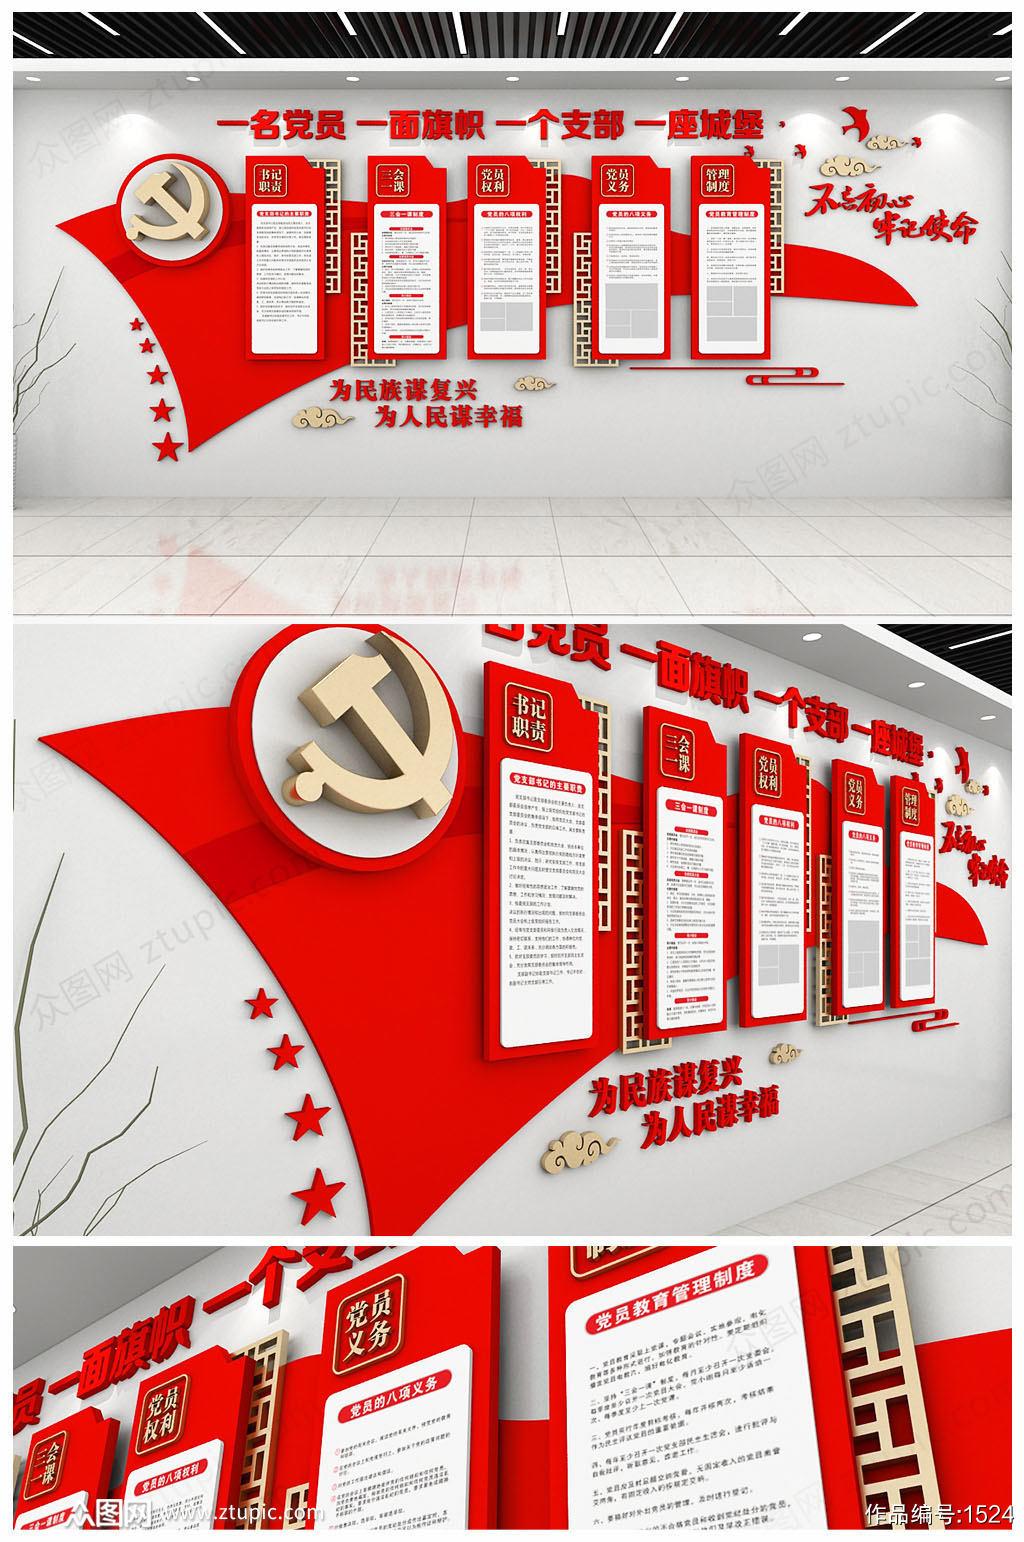 红色中式党员权利和义务文化墙设计素材